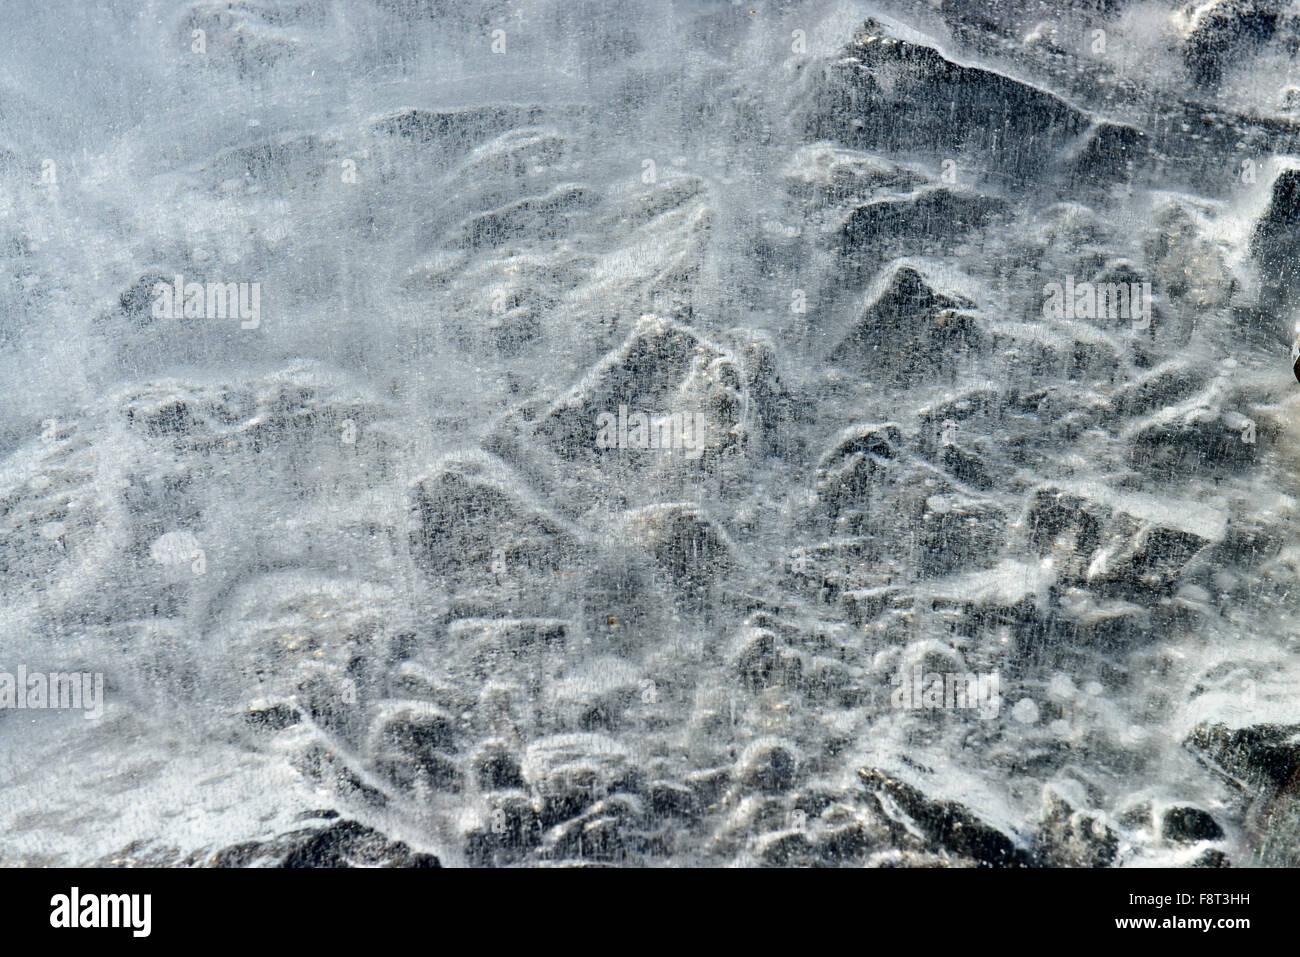 Stones under ice - Stock Image